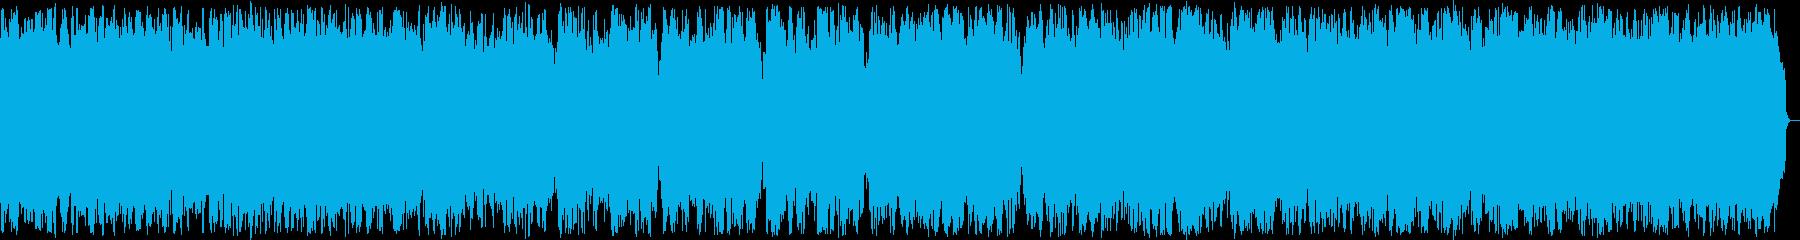 ボールアウト、アグレッシブなアグレ...の再生済みの波形